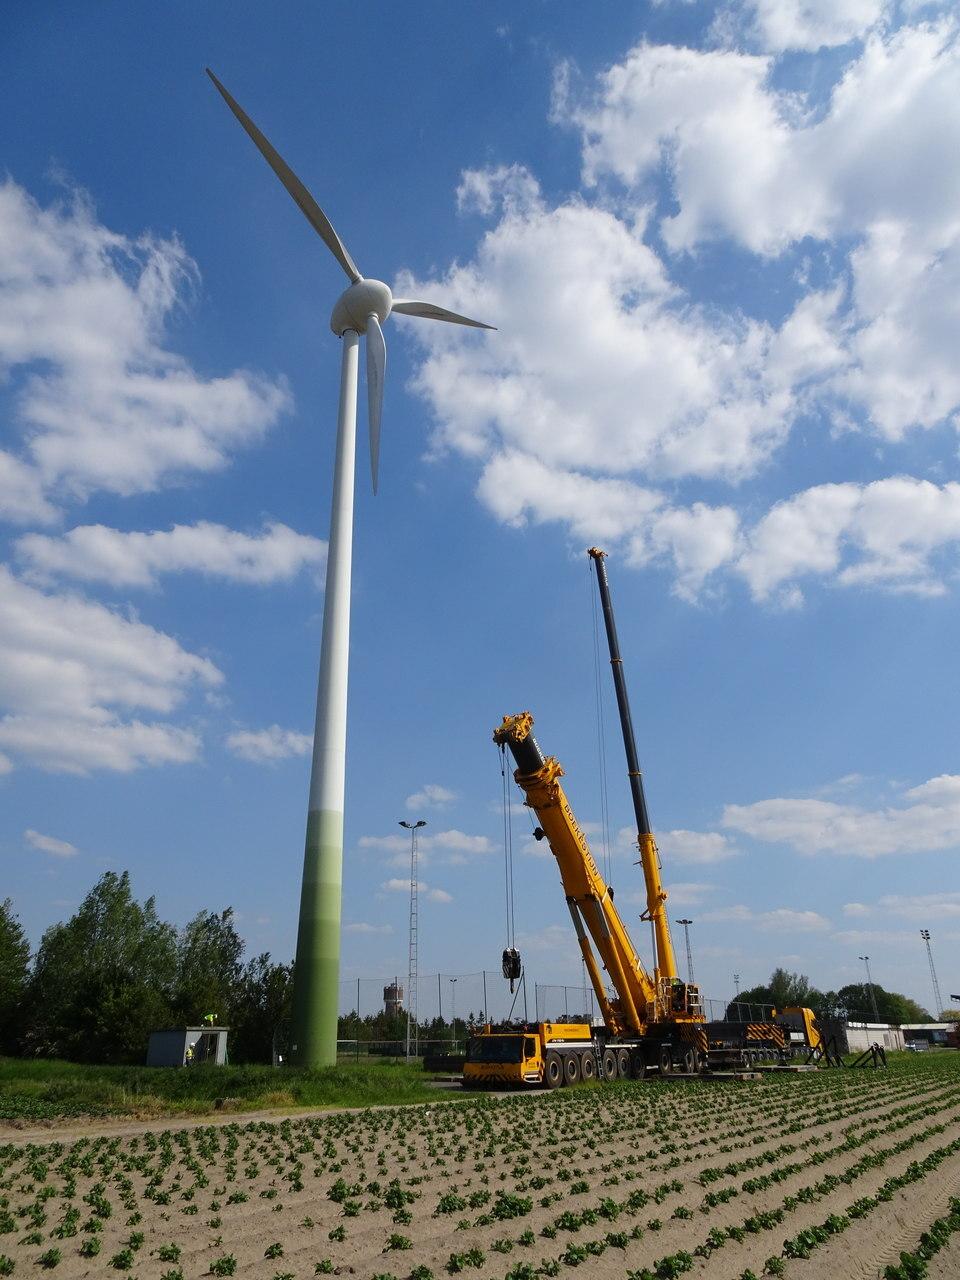 Foto: de kraan staat klaar om – als er niet te veel wind is – op 2 juni 2021 de windturbine aan de het voetbalveld in Eeklo te demonteren. In de 141322 uur dat de windturbine aan het voetbalveld draaide, produceerde ze 17.301.086 kWh aan lokale groene burgerstroom. Een mooie carrière ten dienste van de coöperanten die de windstroom thuis gebruiken!